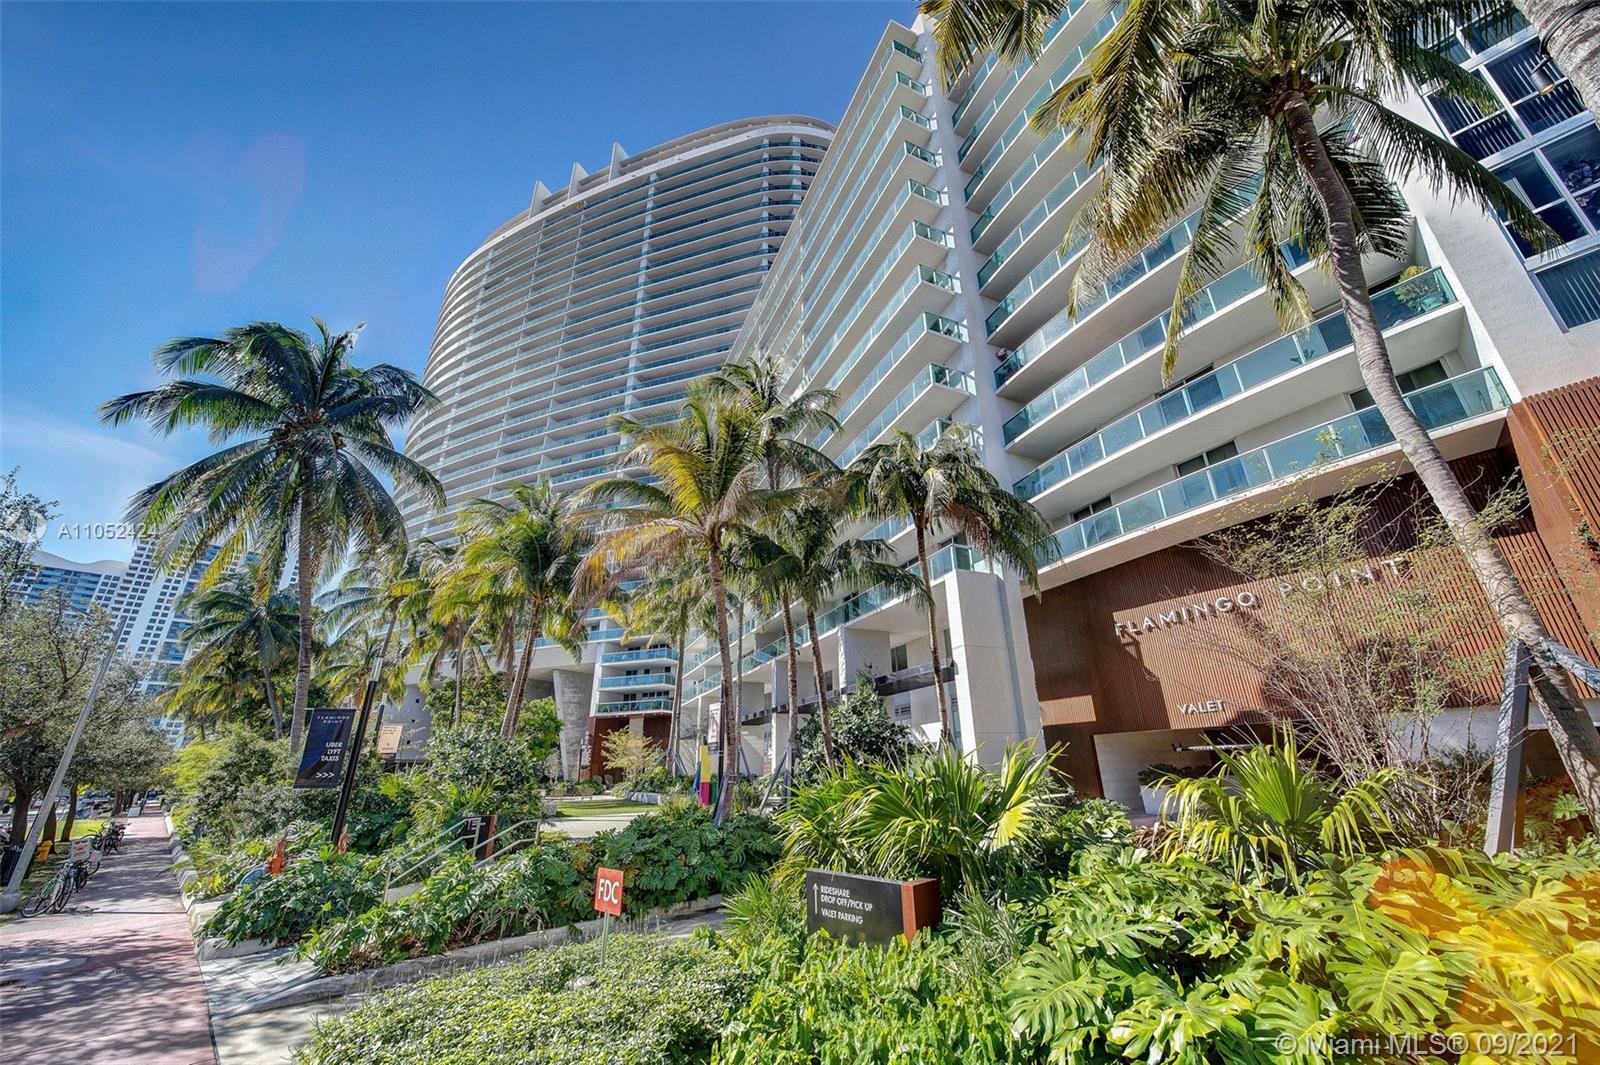 Flamingo South Beach #N-203 - 10 - photo